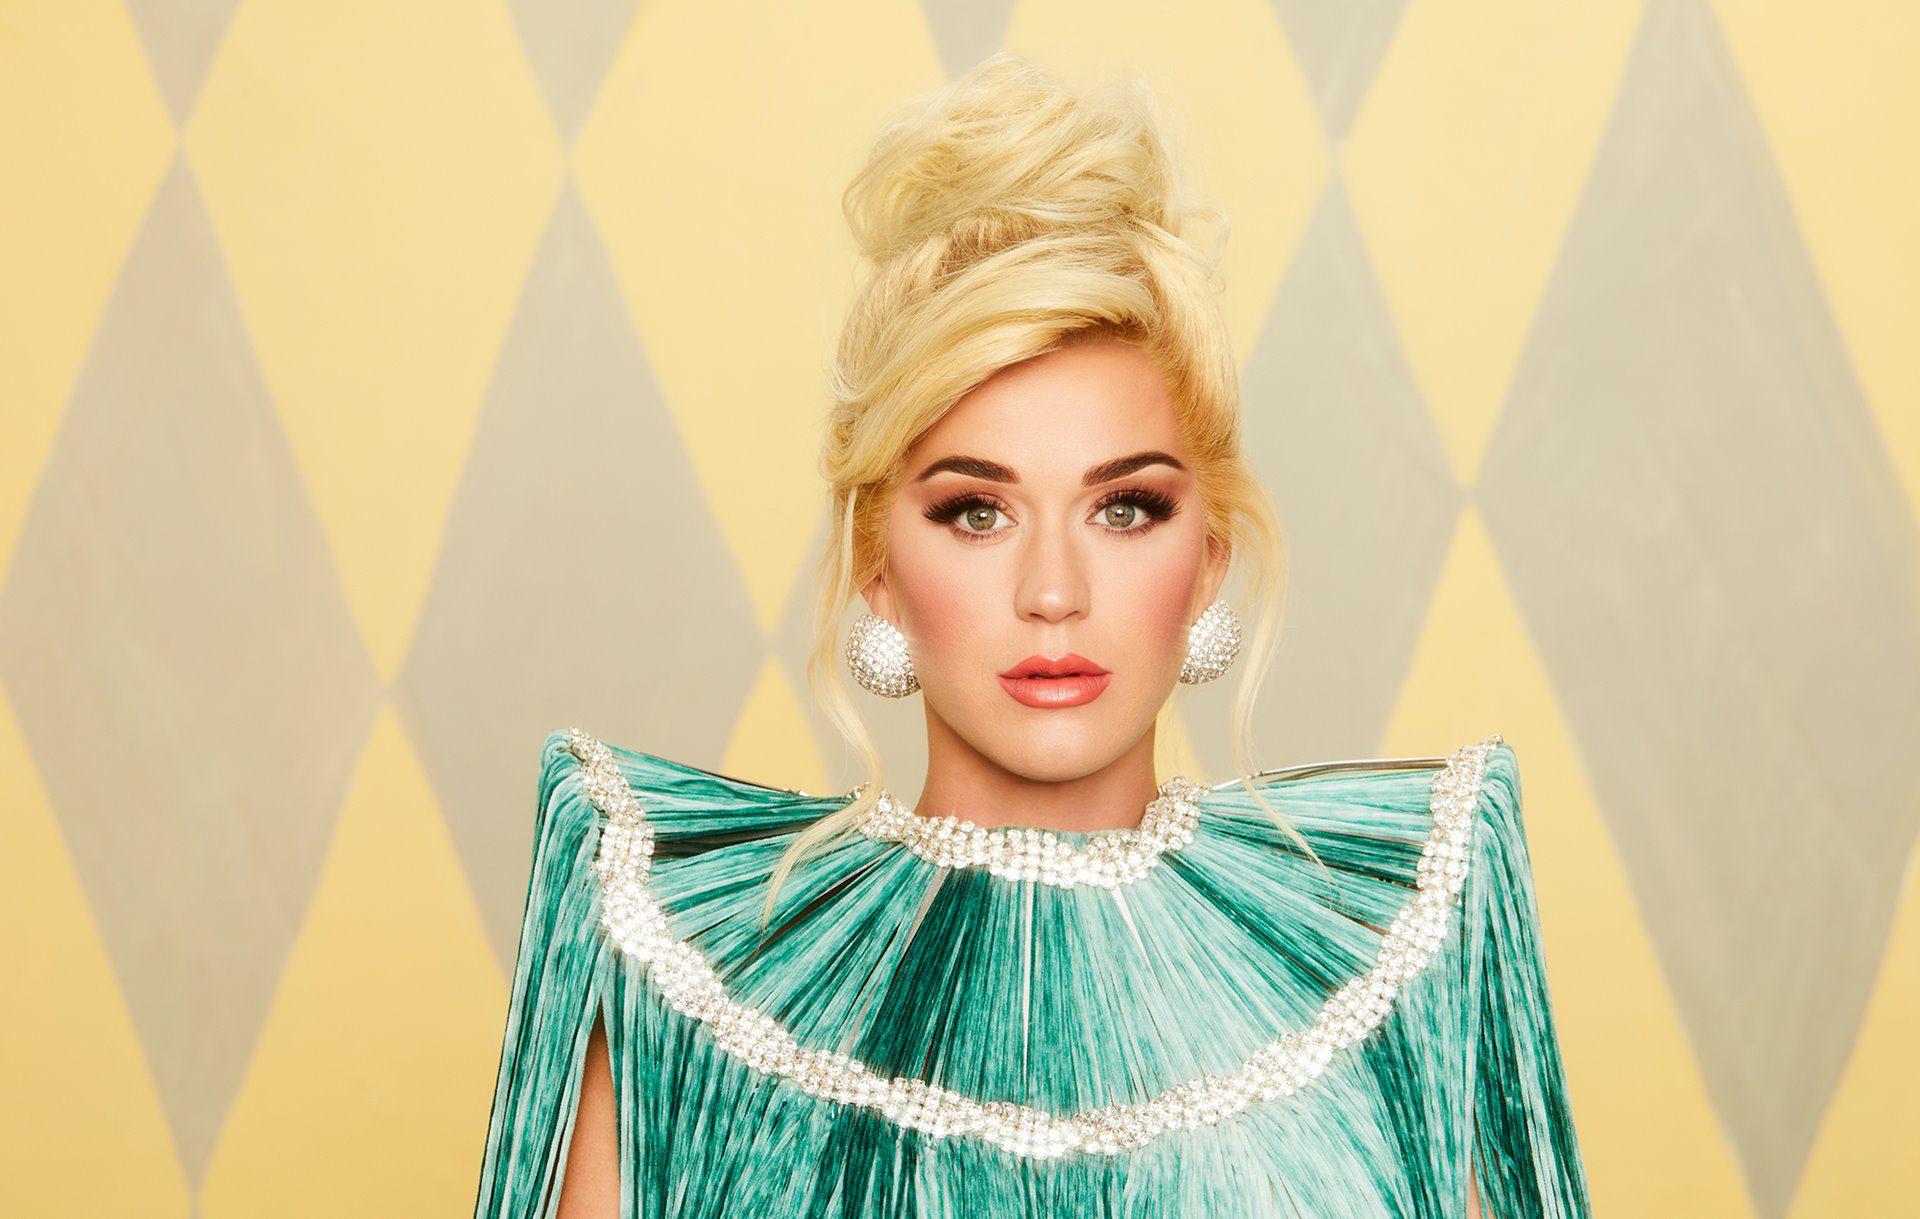 Katy Perry en una imagen promocional de su nuevo disco